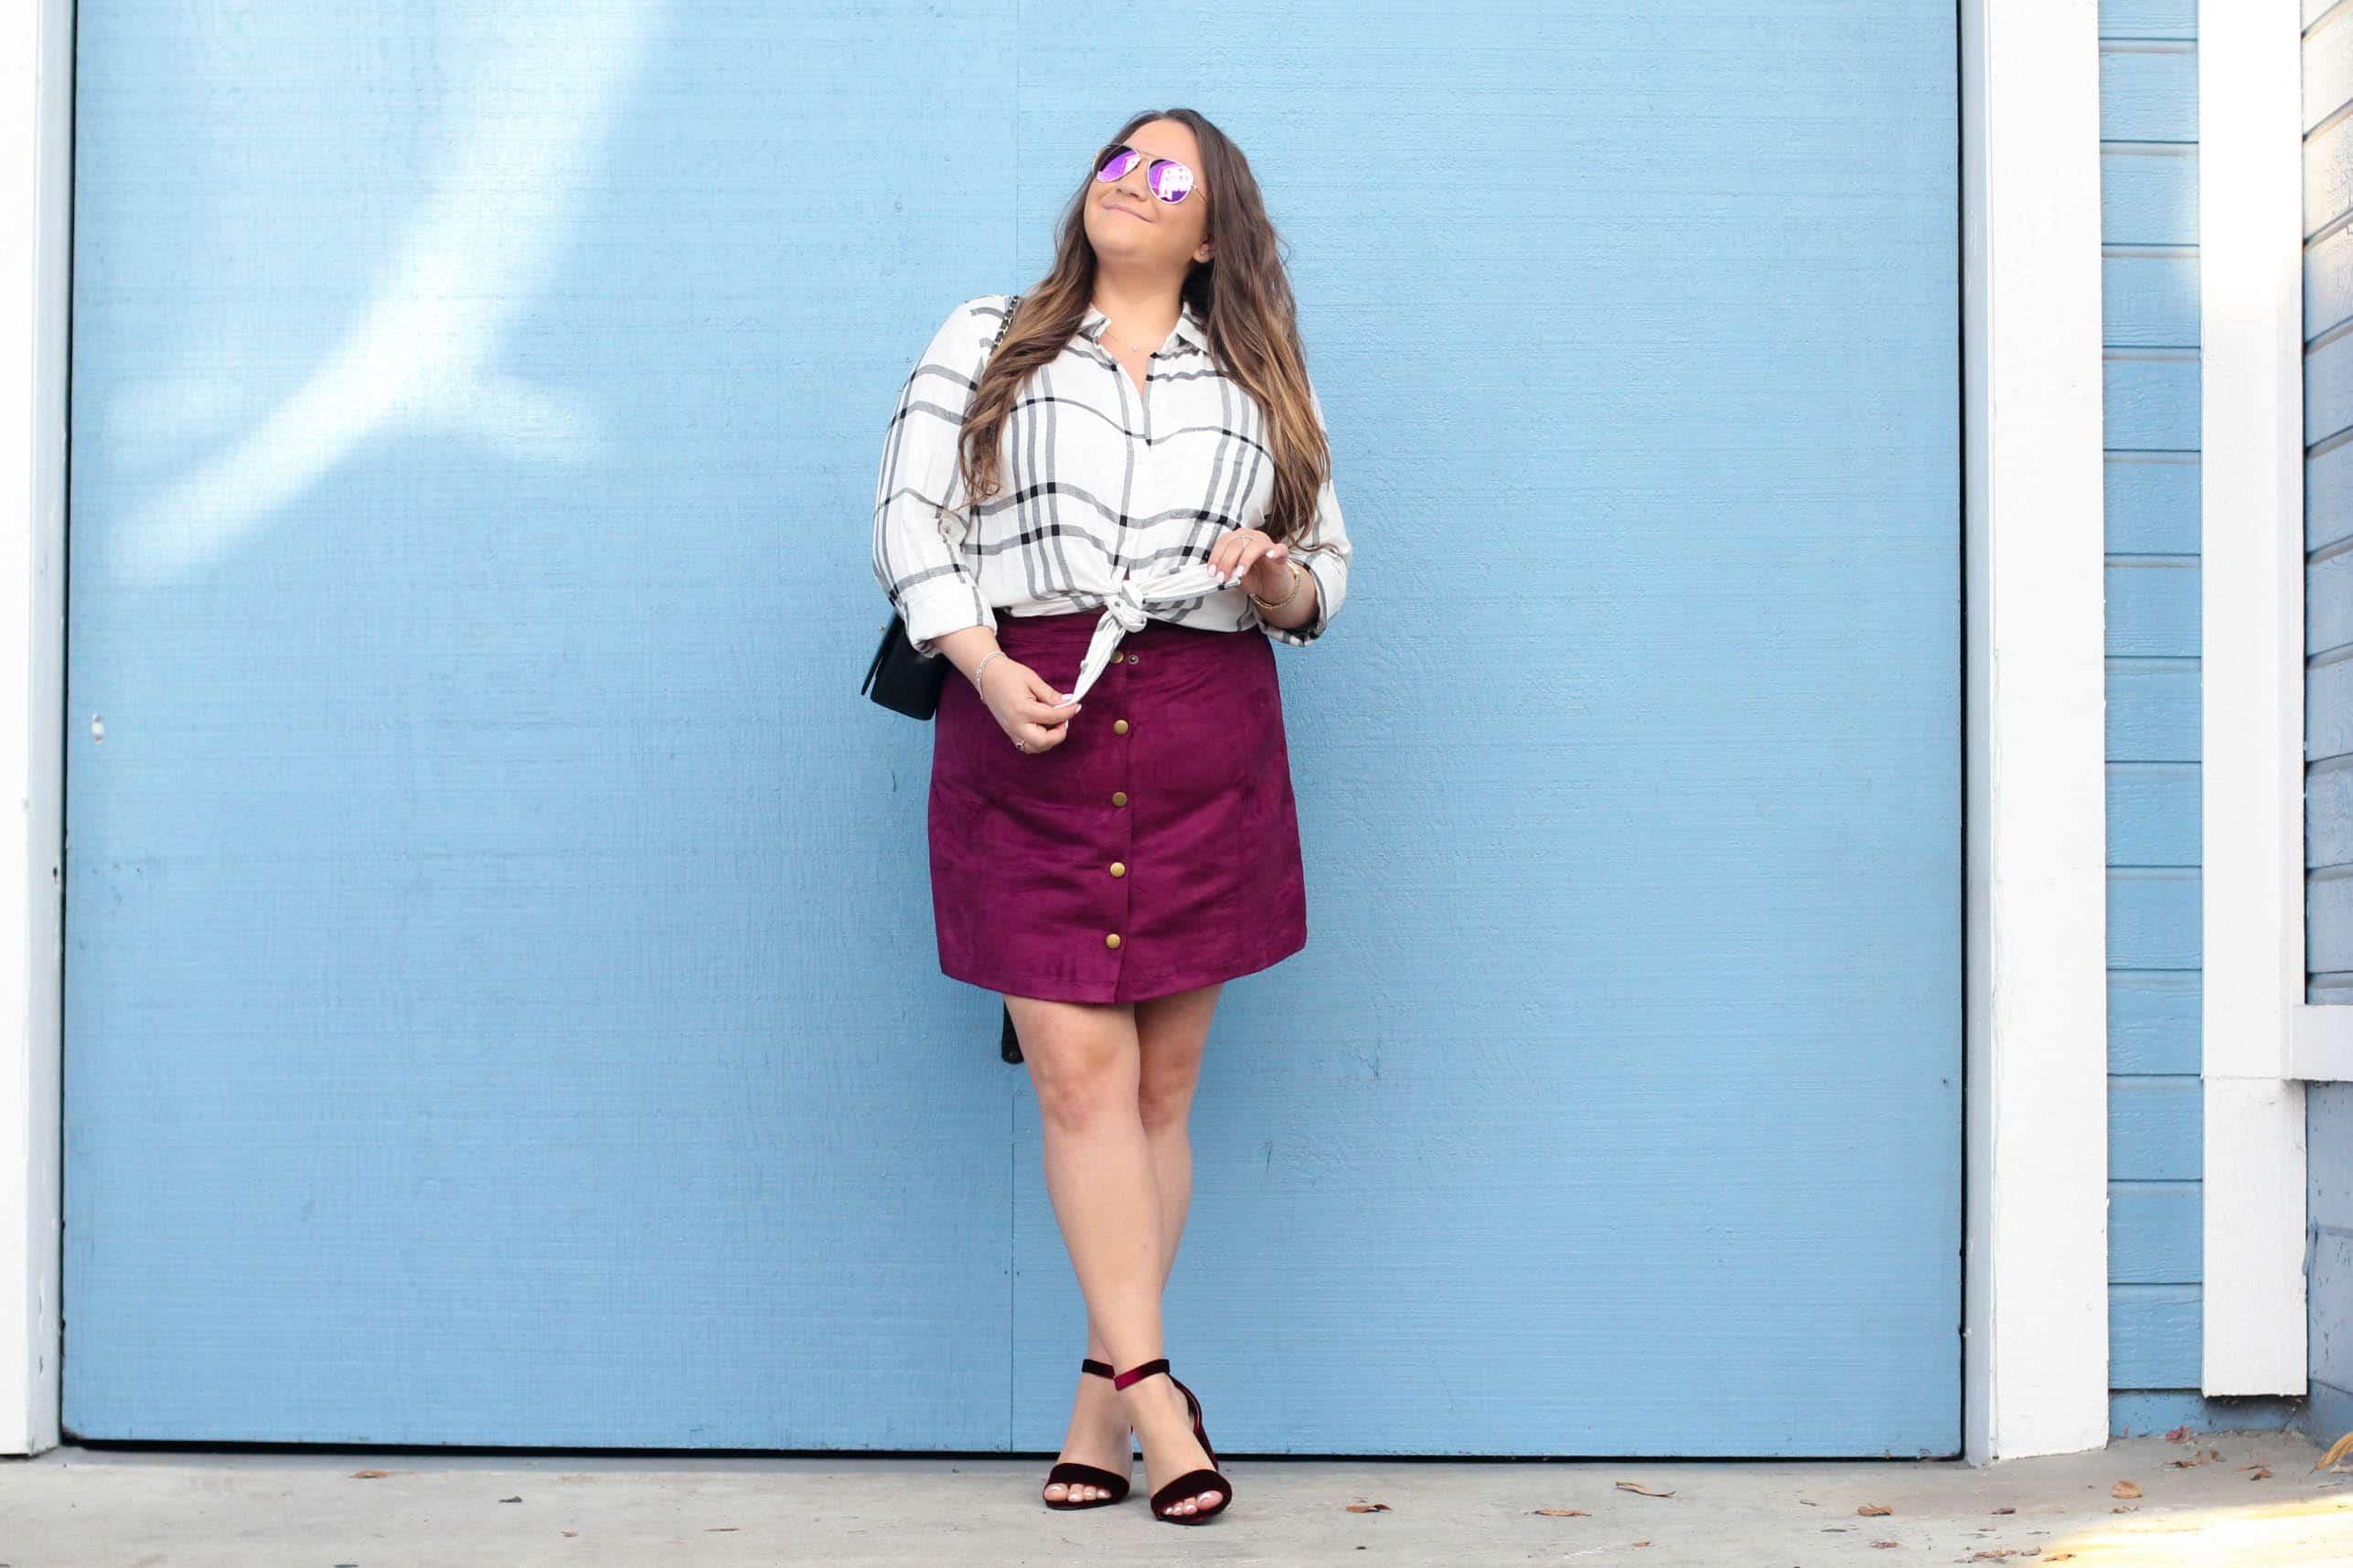 missyonmadison, missyonmadison instagram, fashion blog, fashion blogger, style blog, style blogger, fall fashion, fall 2017 style, fall trends, plaid, old navy style, old navy, holiday style, holiday style 2017, button up skirt, velvet shoes, velvet sandals, velvet ankle strap sandals, ankle strap sandals, chanel flap bag, chanel bag, diff eyewear, mirrored aviators, pink sunglasses, pink aviators, plaid button down shirt,